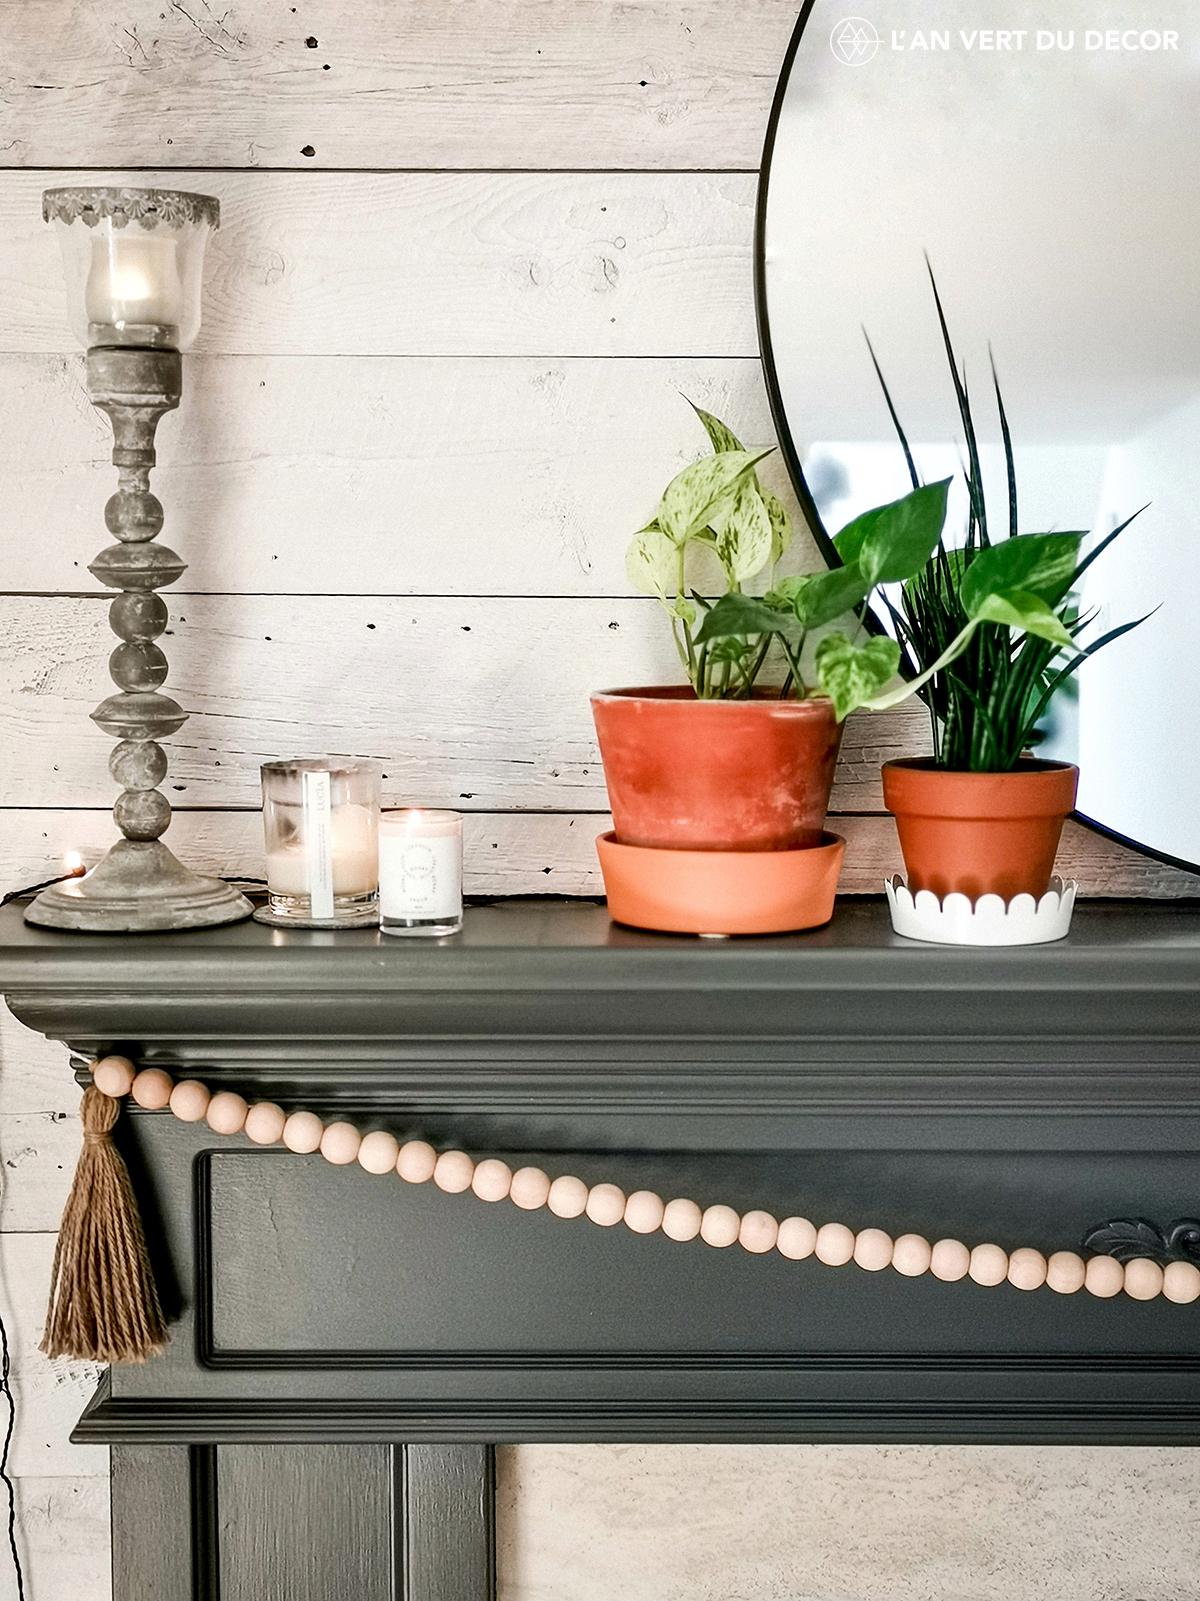 Des bougies et des plantes. En déco toujours un bon mix!